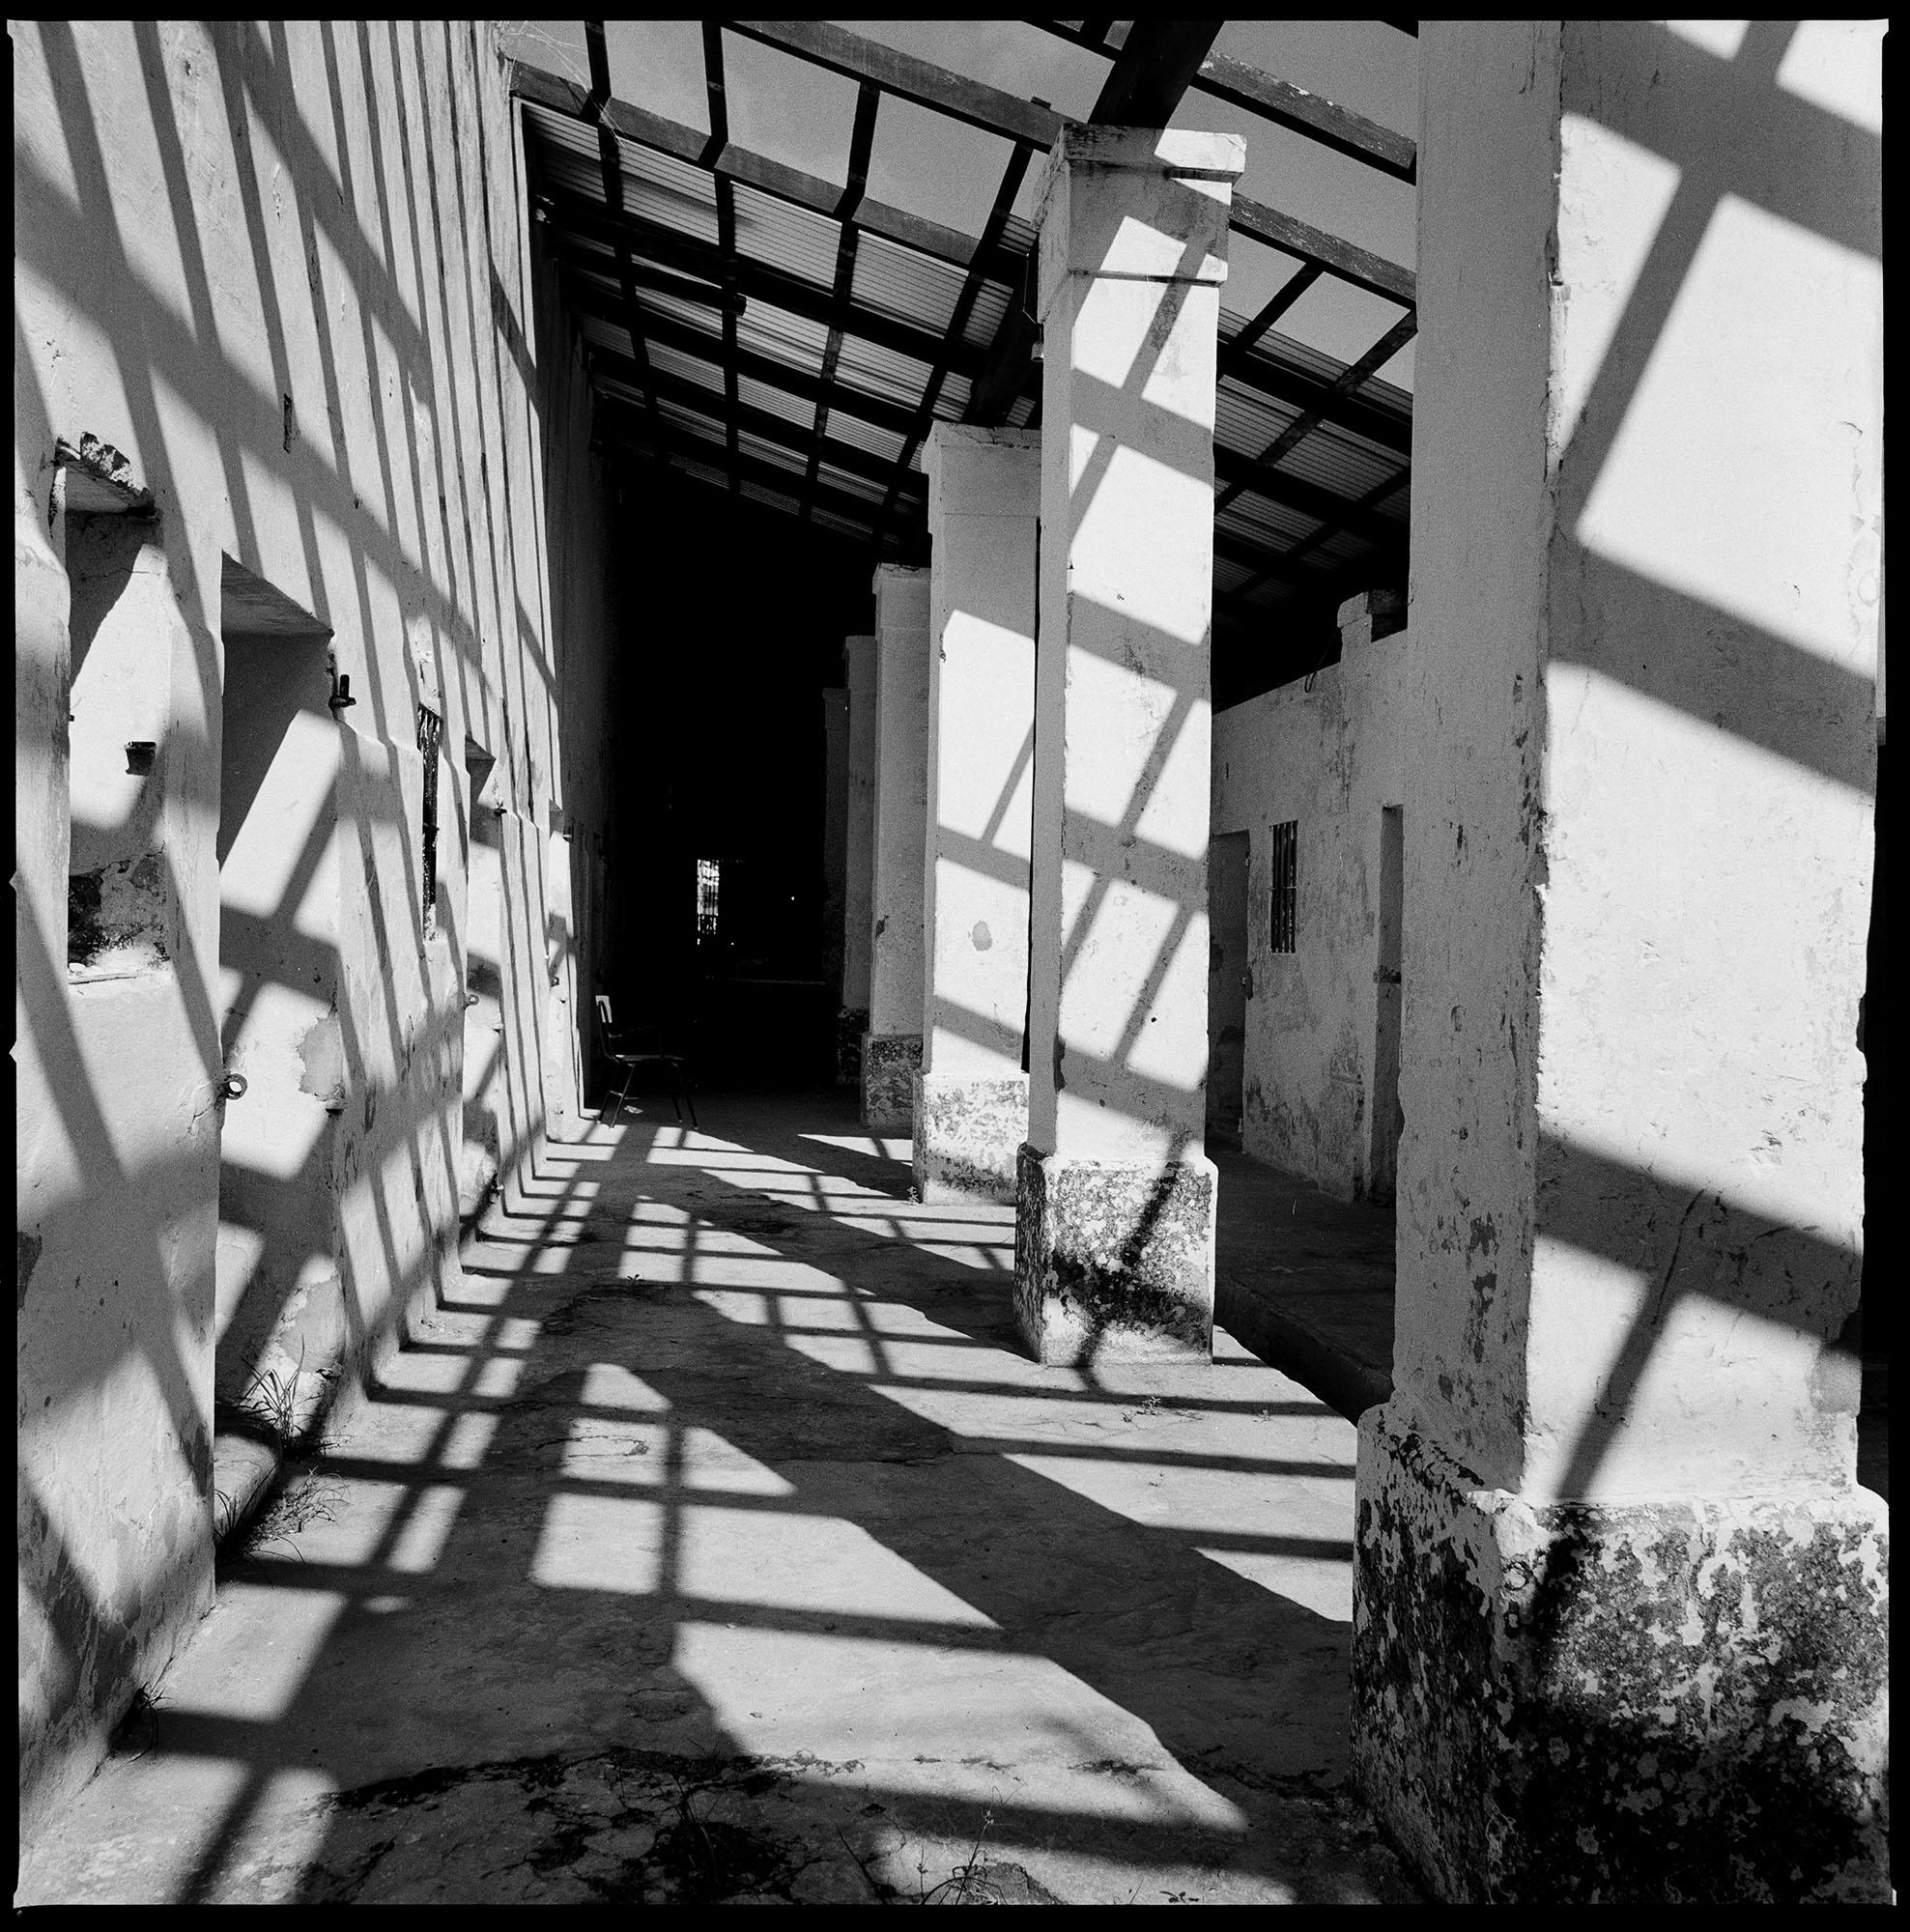 """Vista de lo que fueron las celdas de la """"Emboscada"""", un campo de concentración en Paraguay. Este campo fue construido para la detención de prisionerxs políticxs durante la dictadura militar de Alfredo Stroessner. Actualmente funciona como una prisión de alta seguridad y las ex celdas son utilizadas como talleres.  Fotografía tomada en noviembre de 2012."""